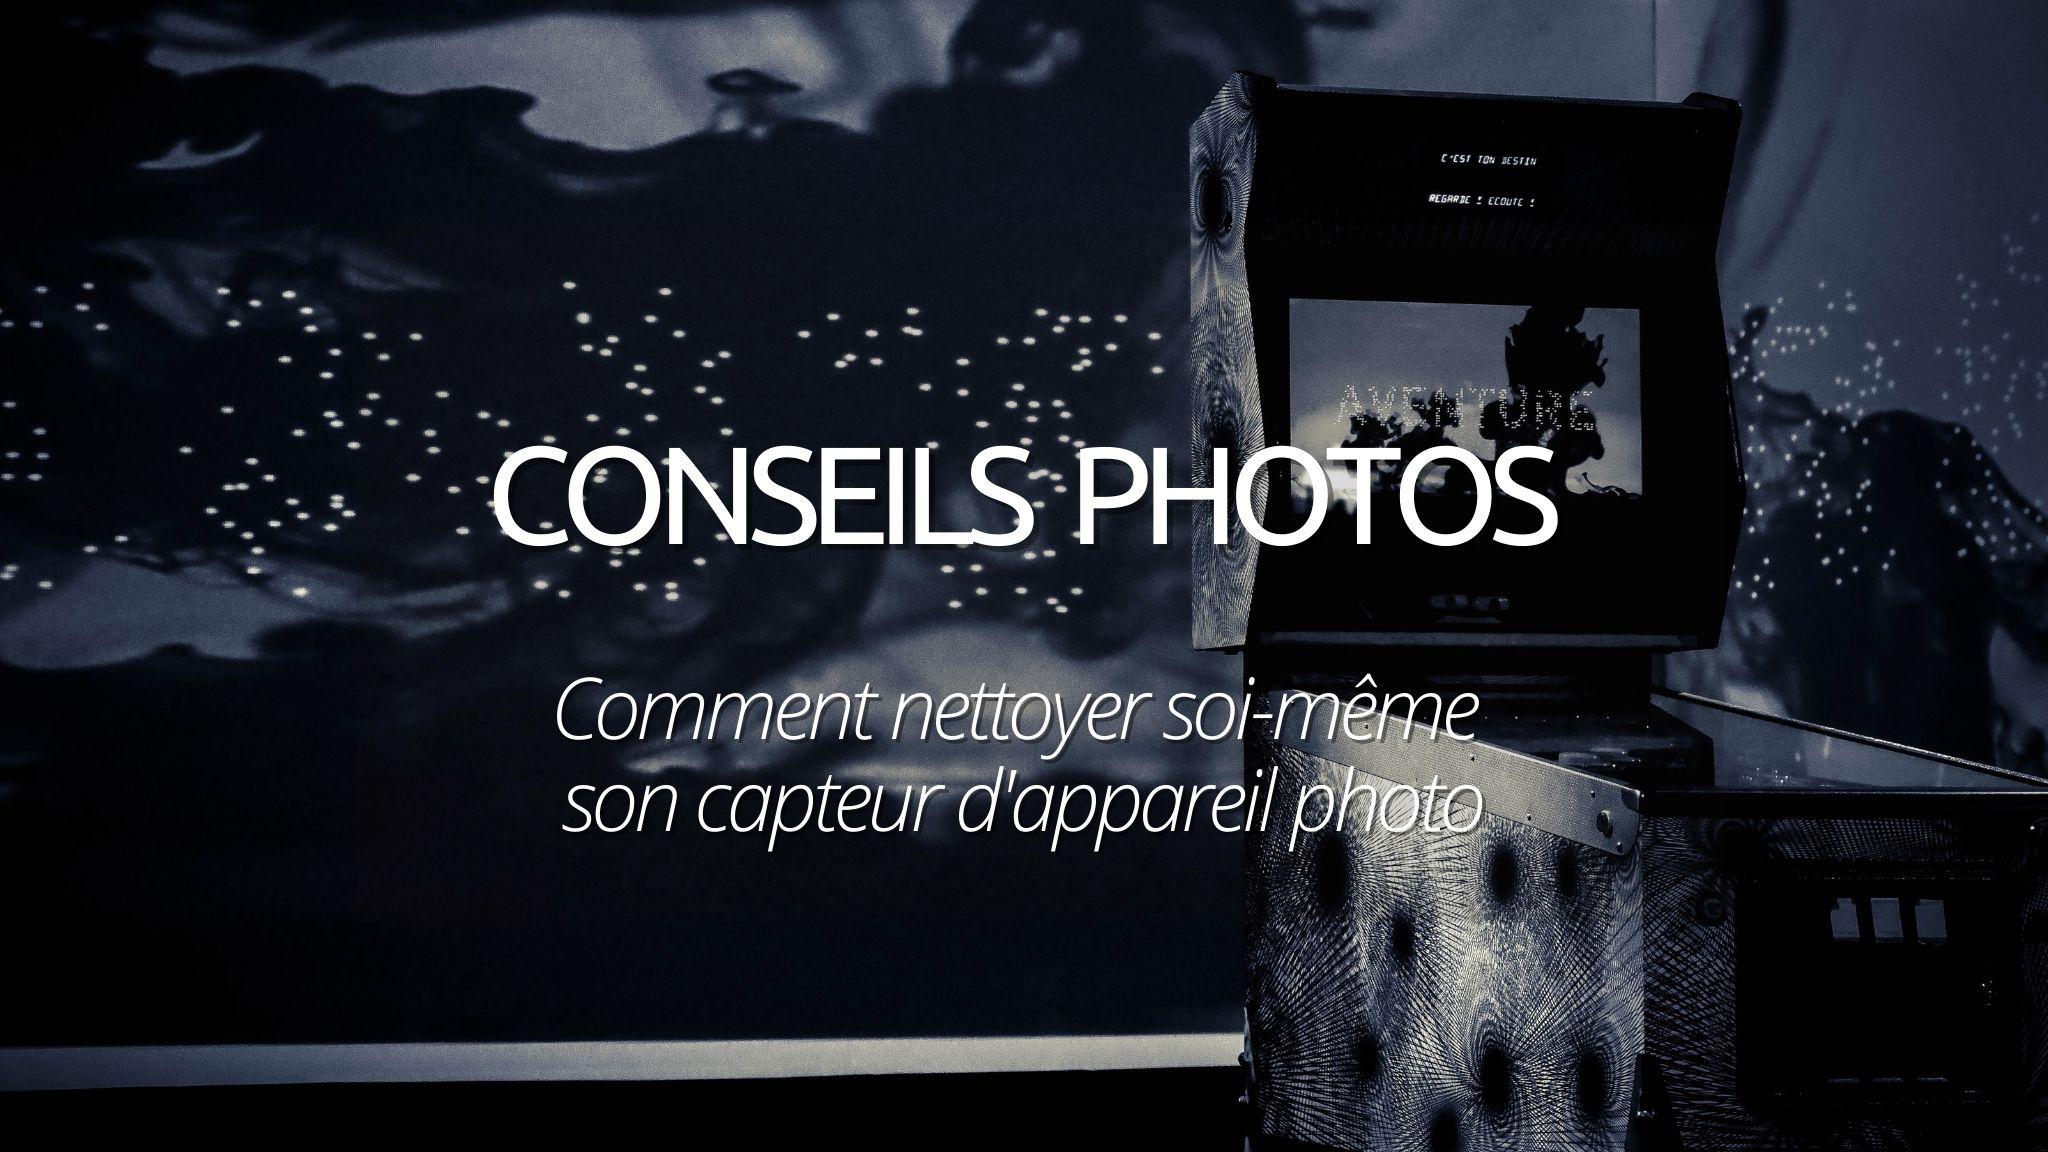 Conseils Photos : comment nettoyer son capteur d'appareil photo